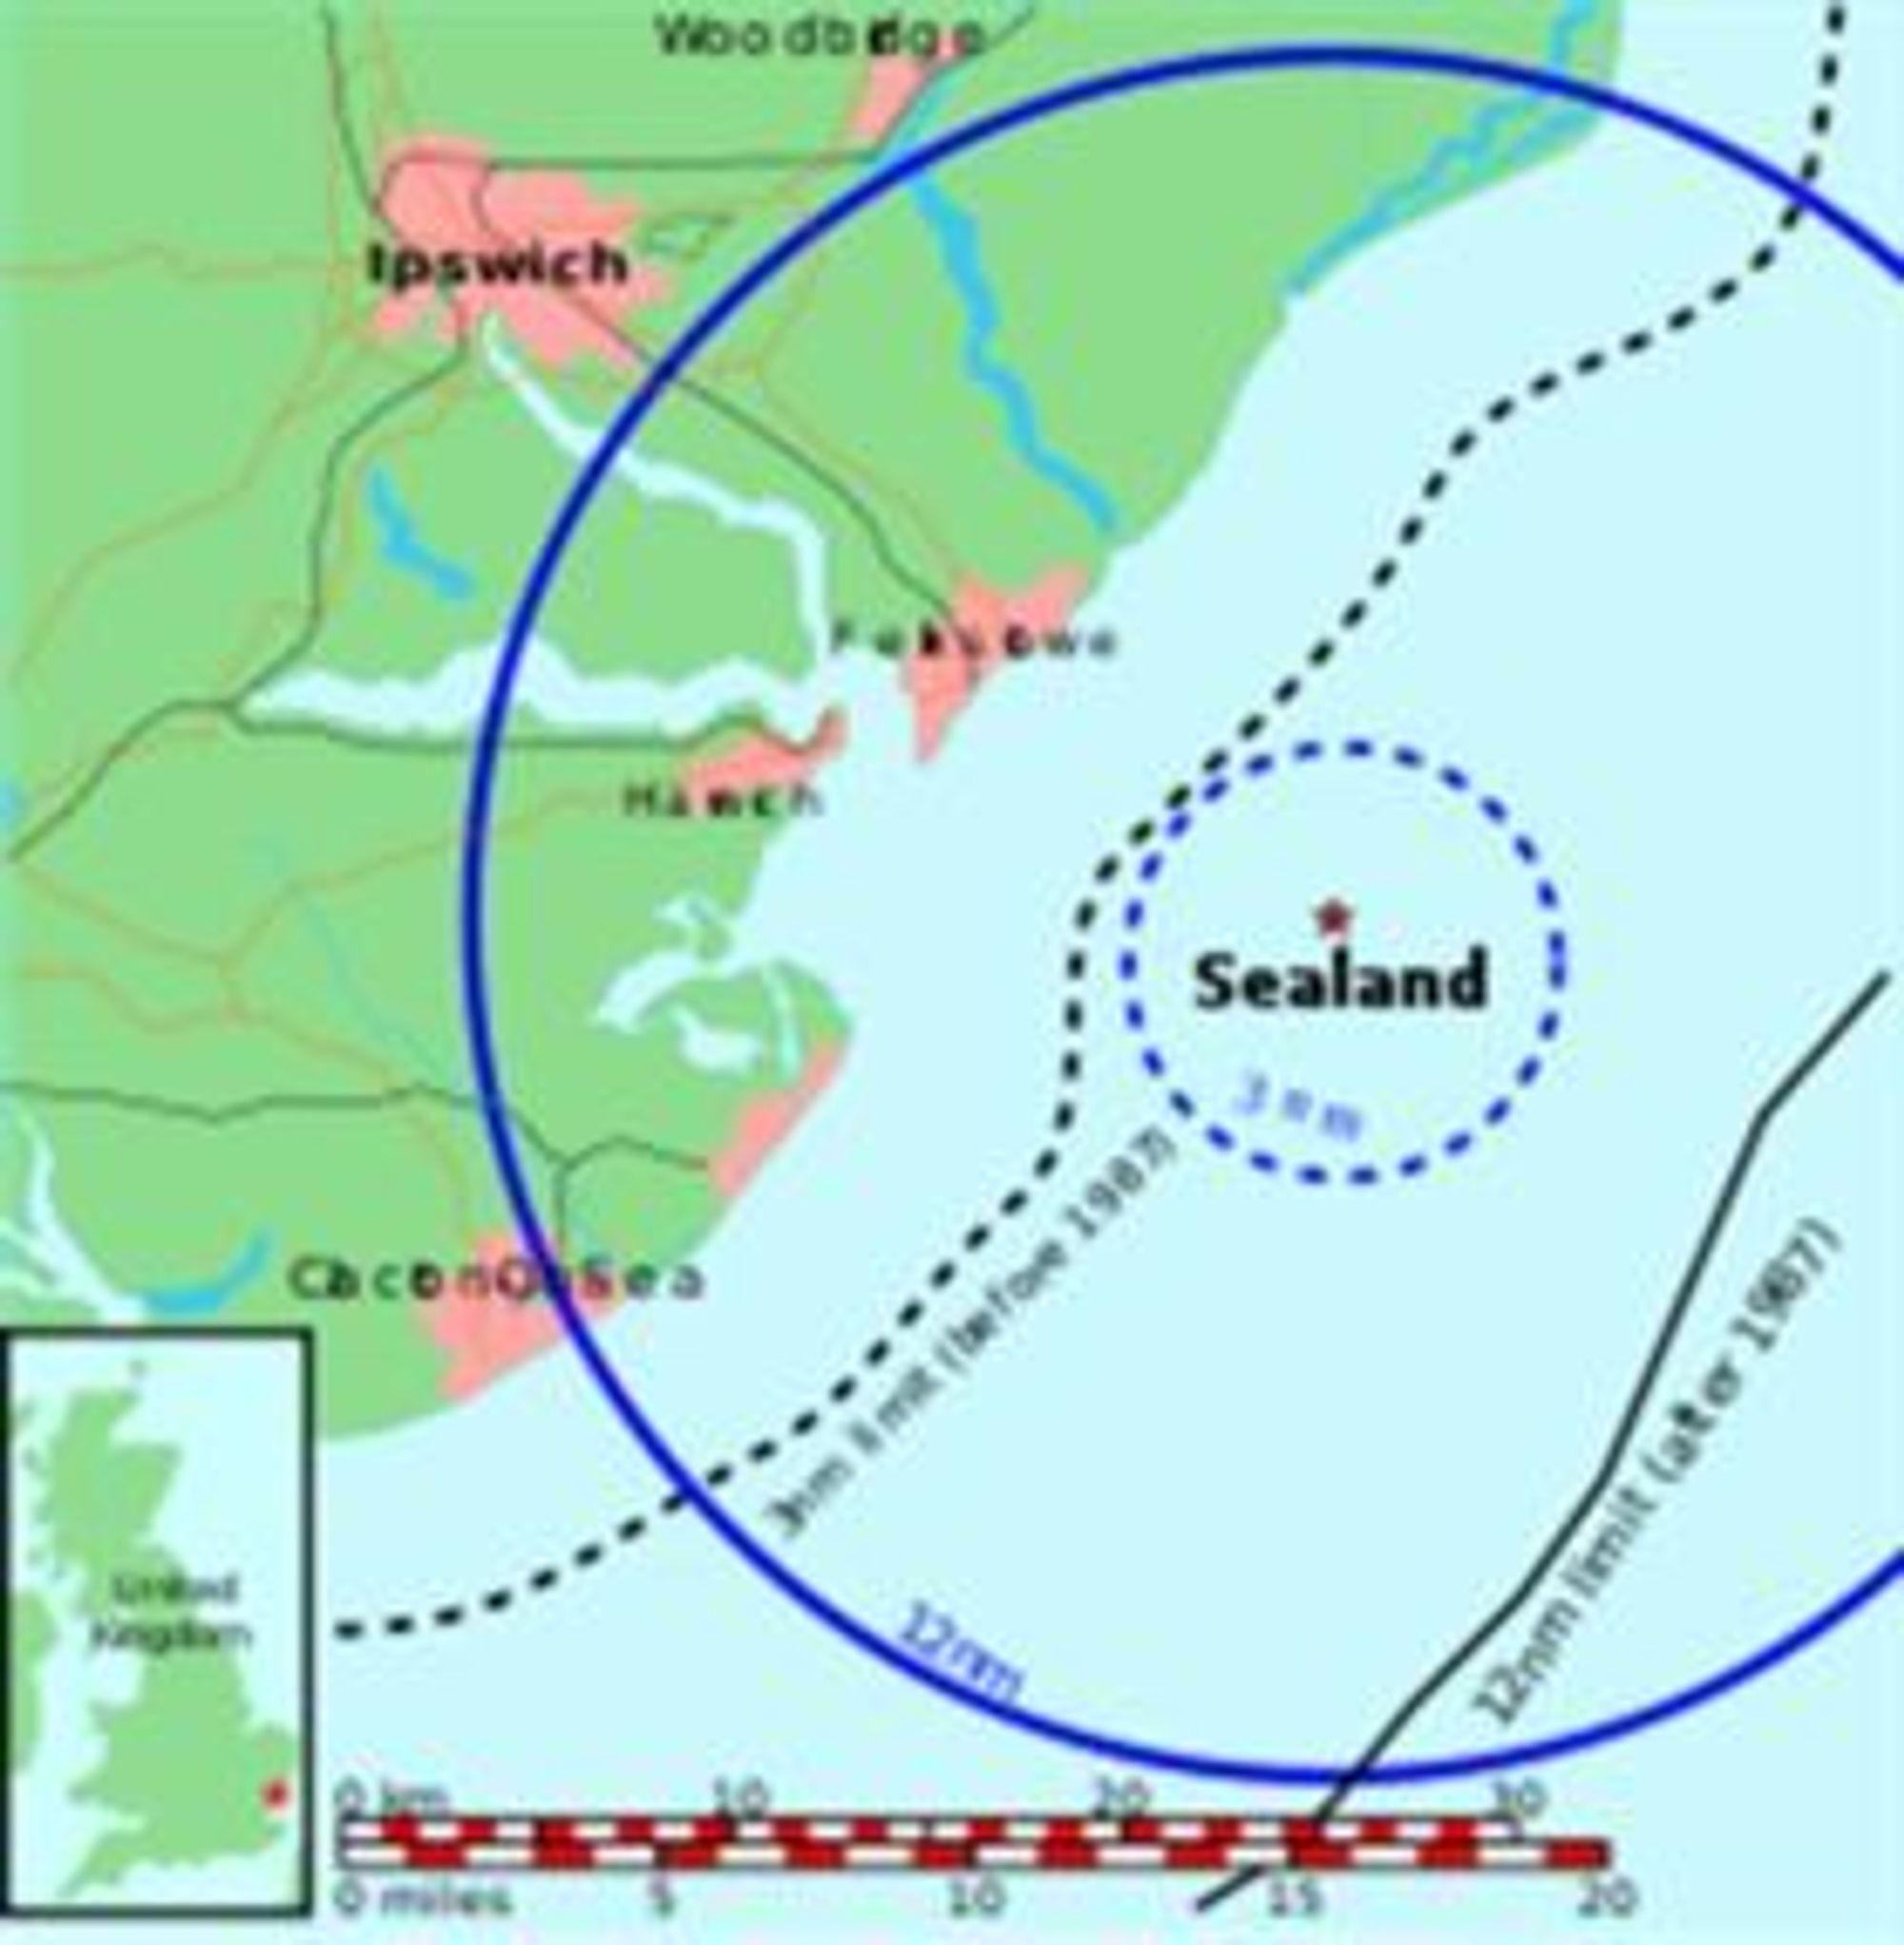 Sealand er så vidt mer enn seks sjømil fra kysten utenfor Ipswich.